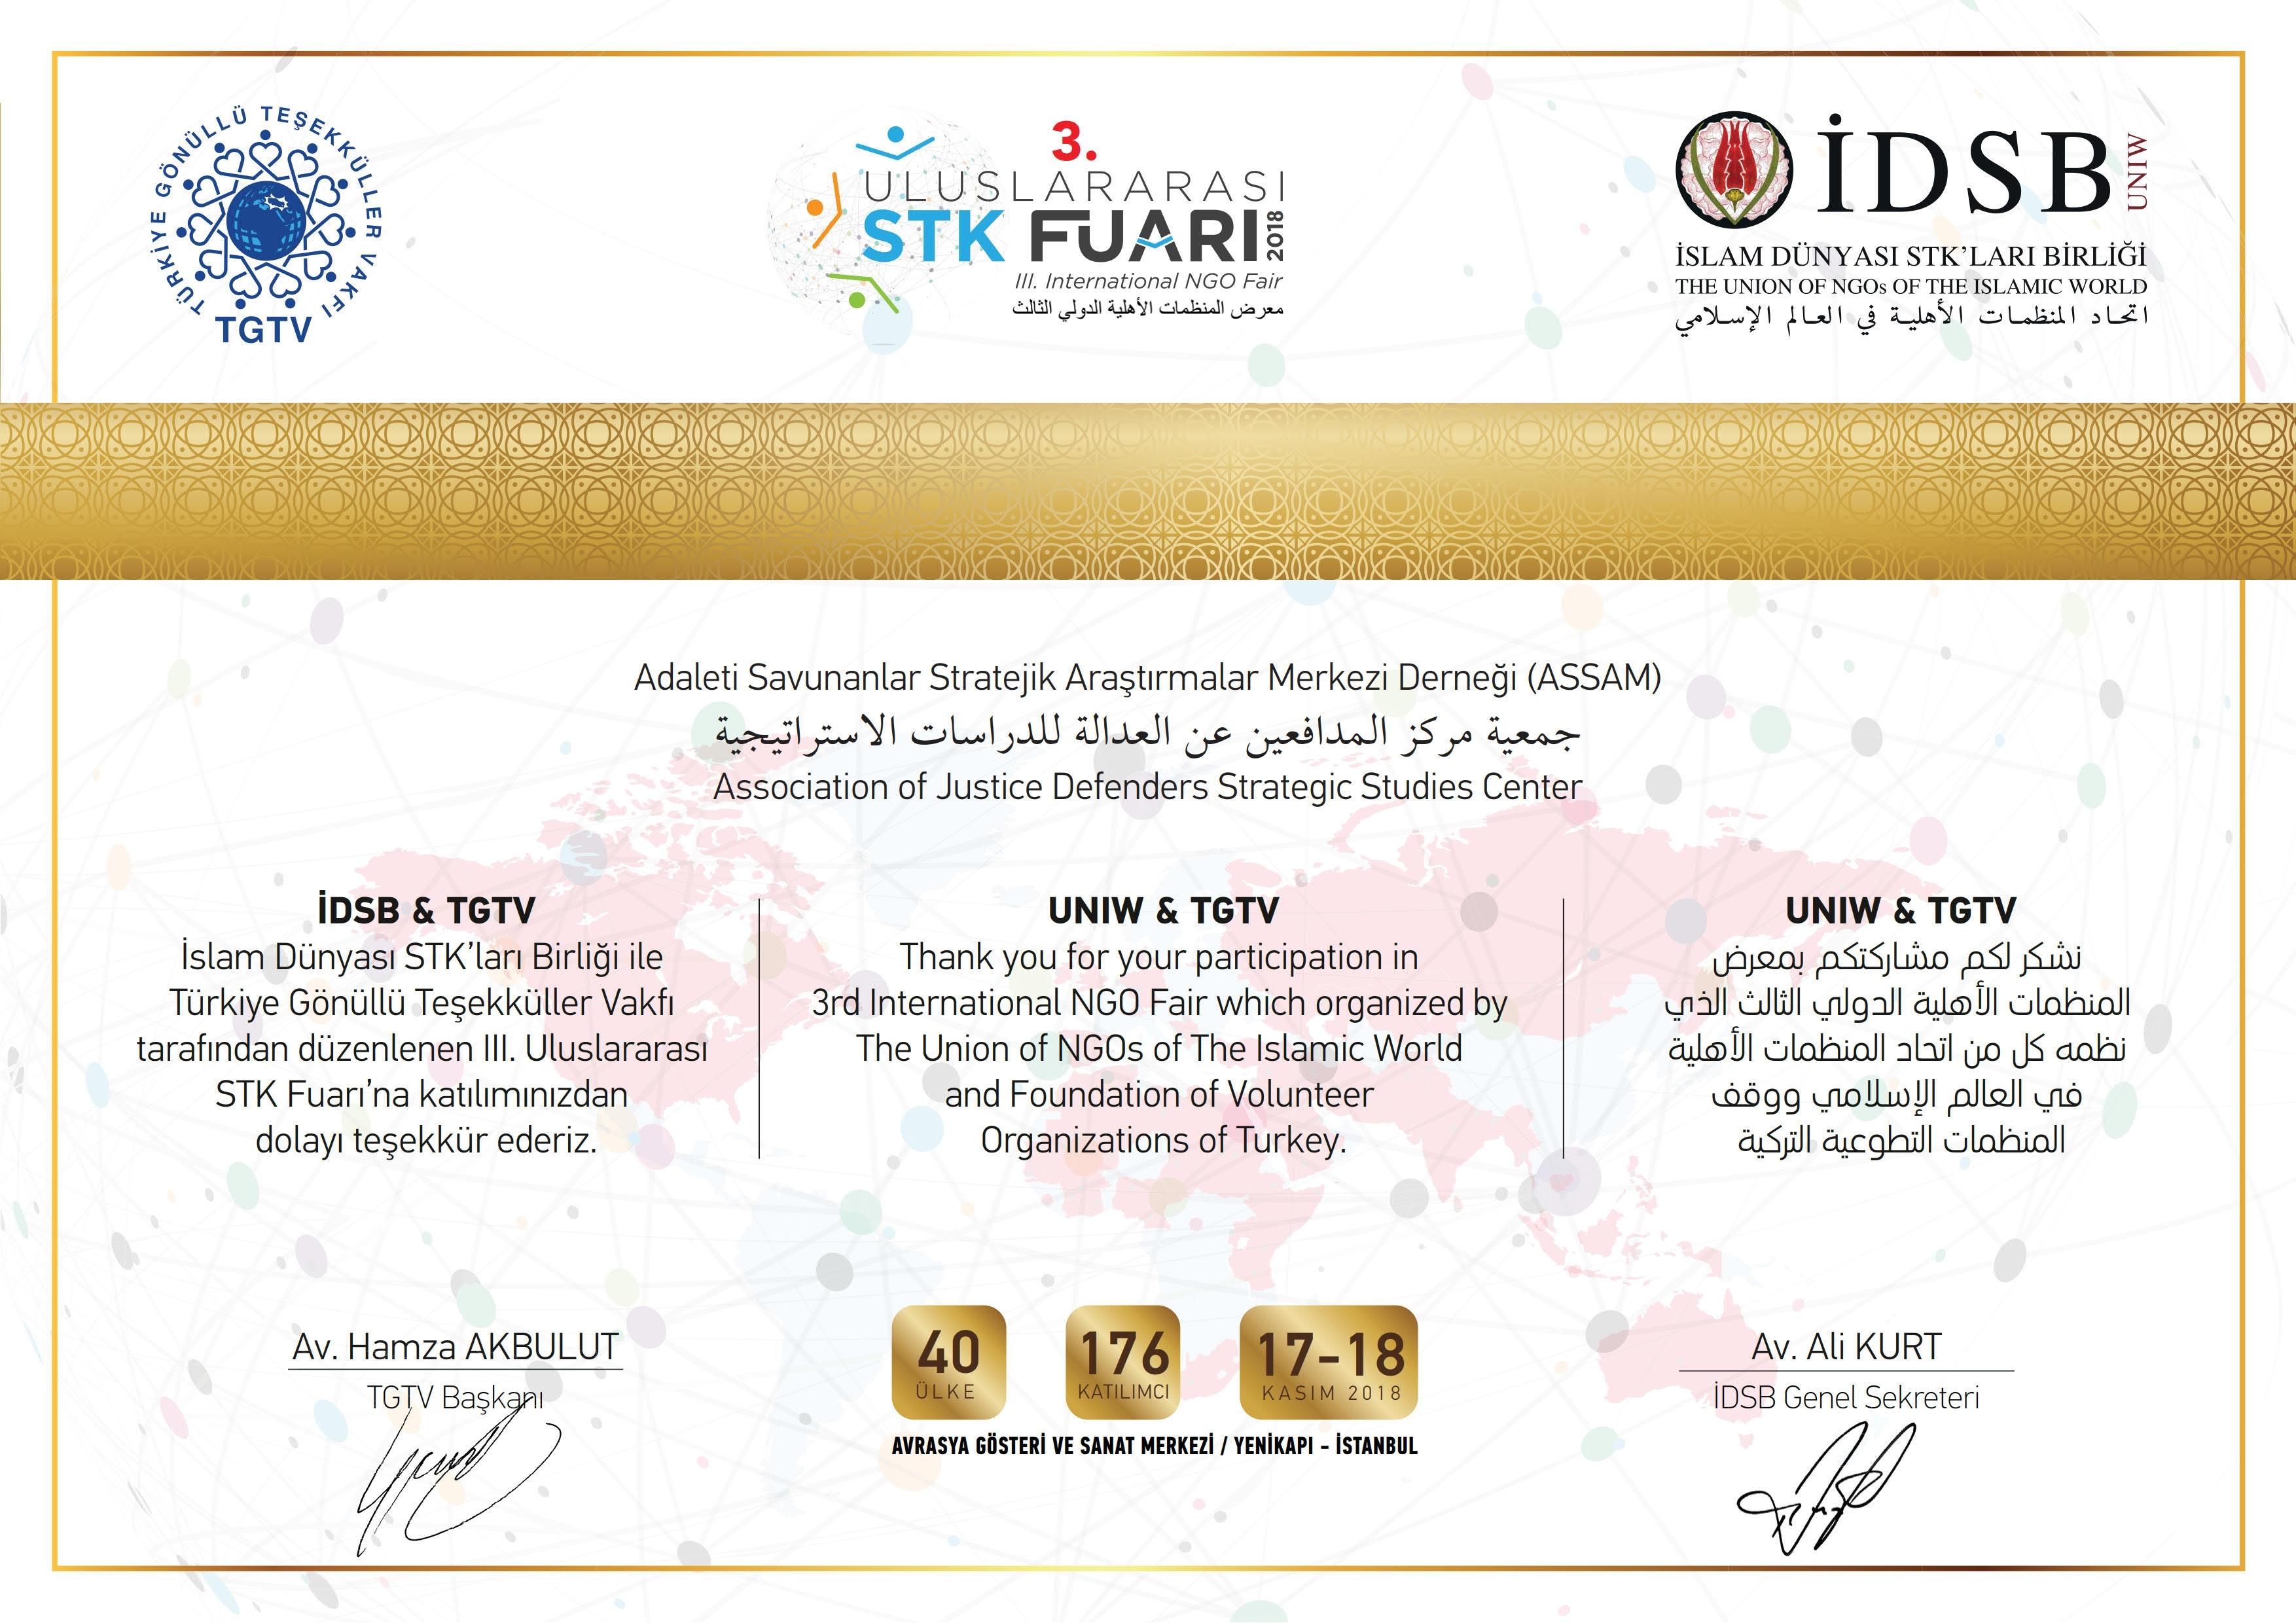 I3. Uluslararası STK Fuarında ASSAM'a Teşekkür Mektubu